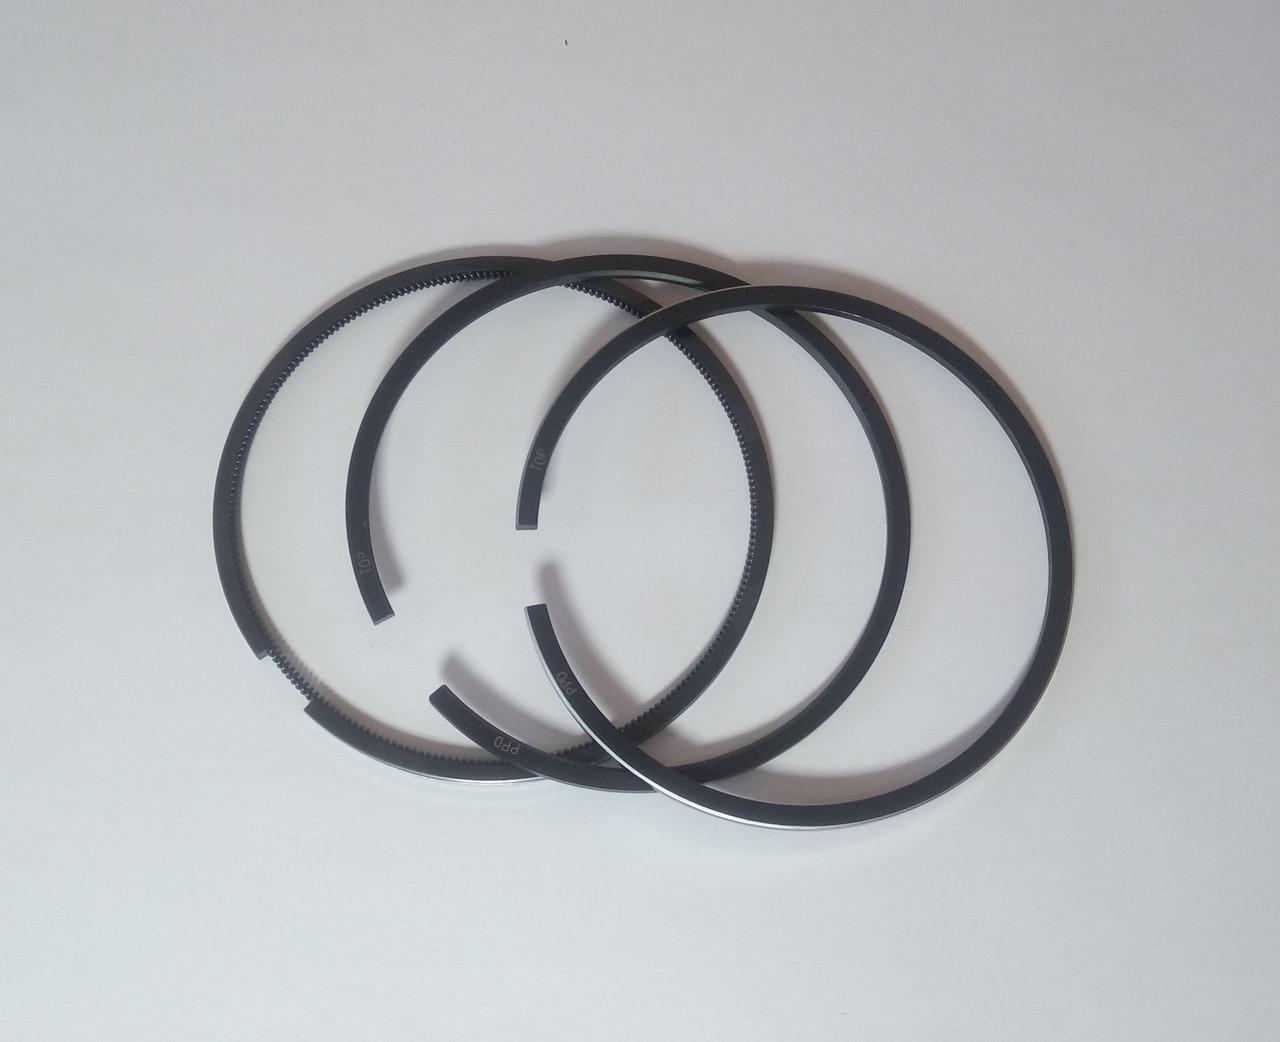 Поршневые кольца на Deutz 1011 04271031, 04271178